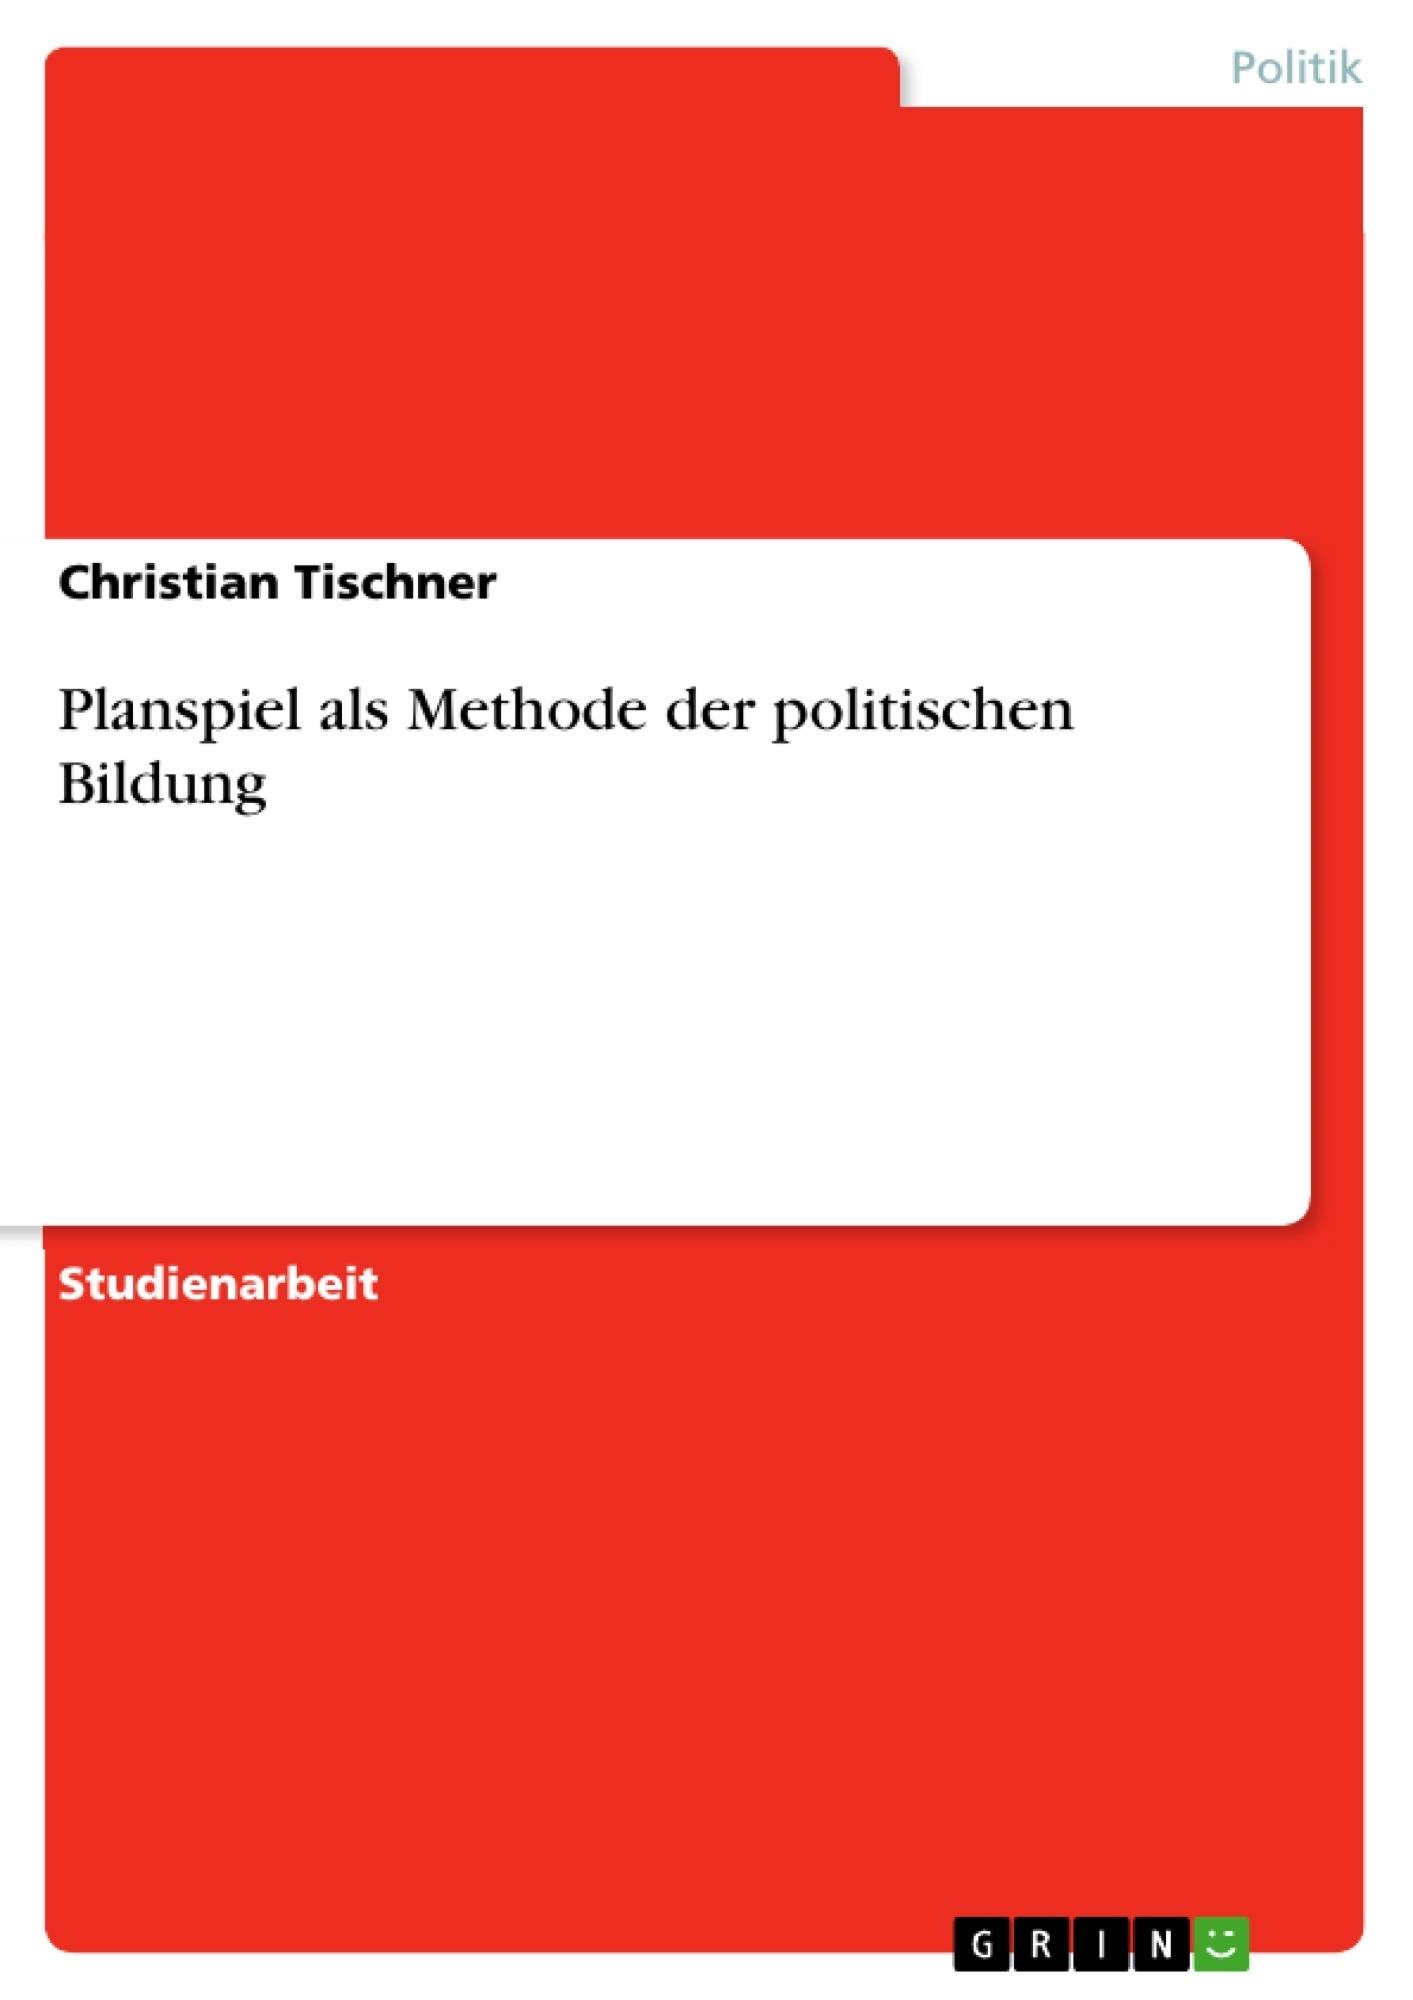 Titel: Planspiel als Methode der politischen Bildung